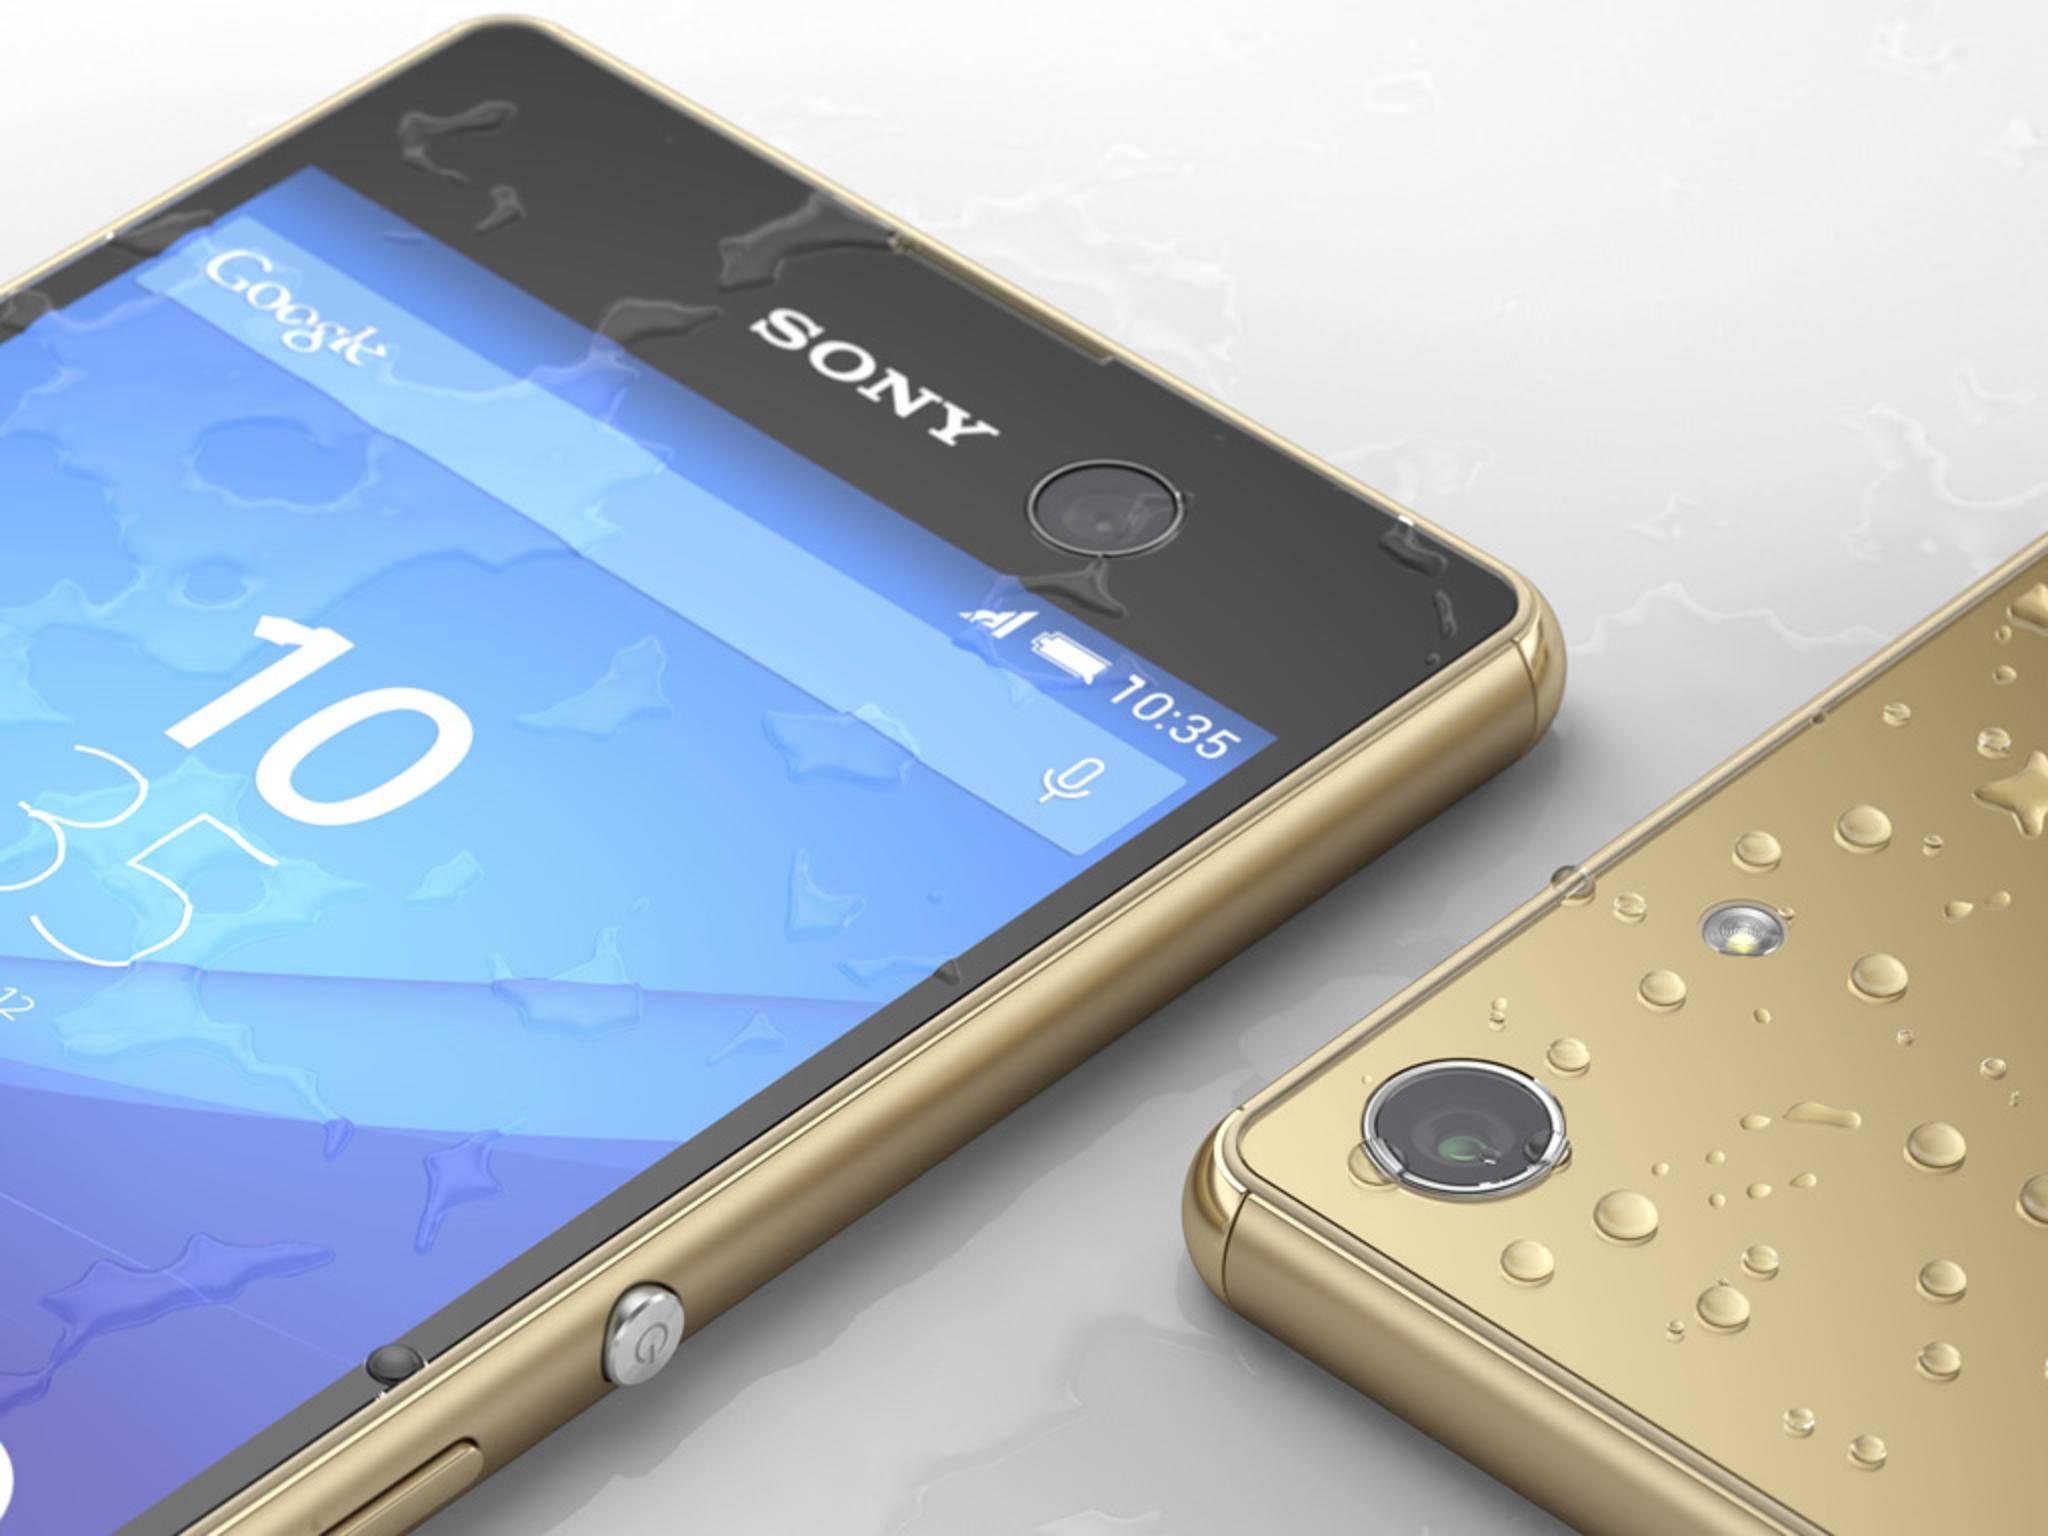 Sony hat heute die Smartphones Xperia C5 Ultra und Xperia M5 offiziell vorgestellt.